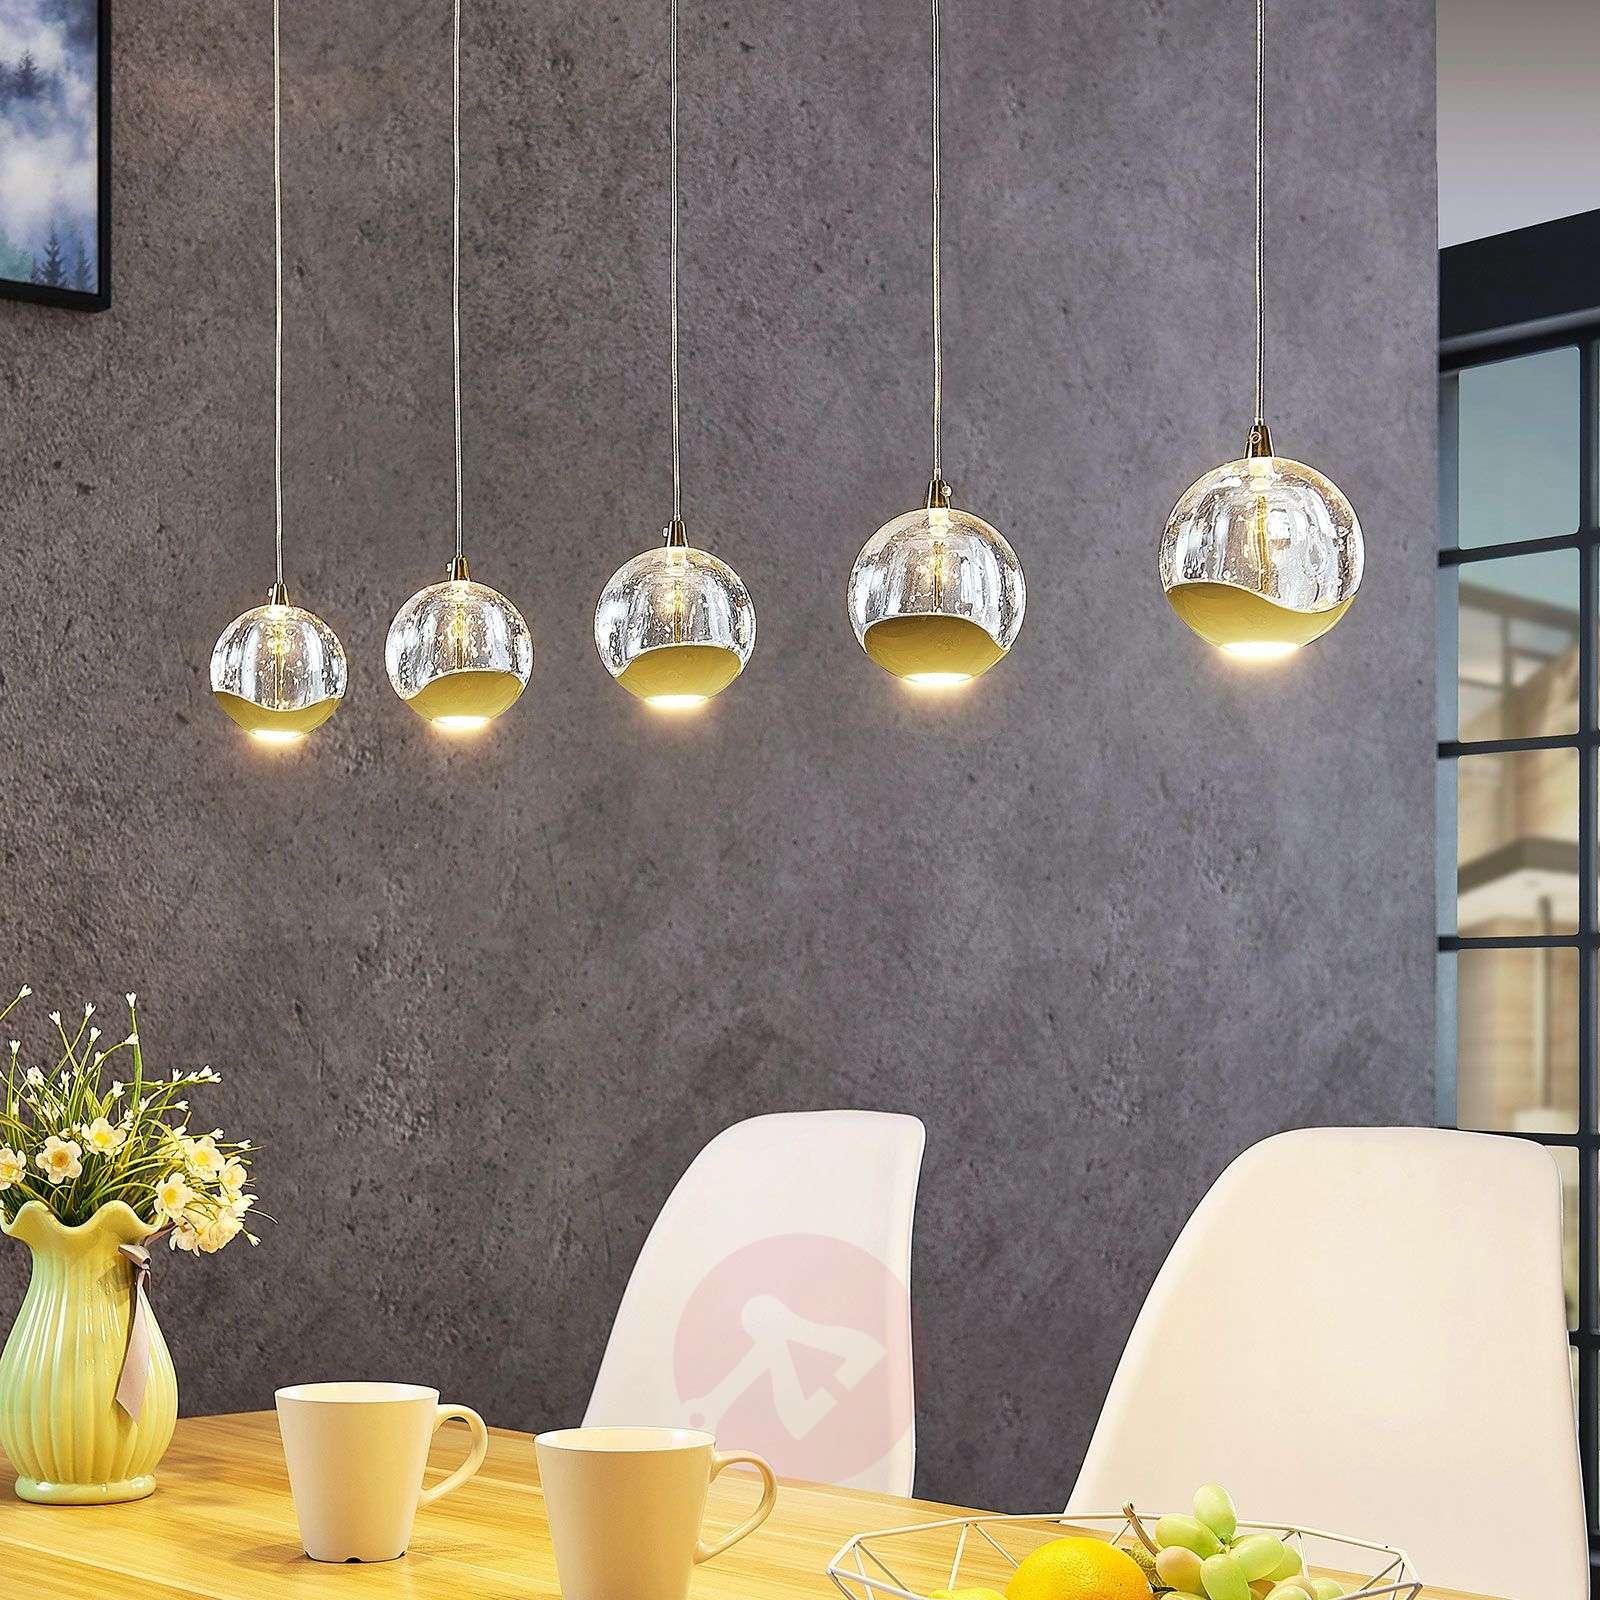 LED-riippuvalaisin Hayley 5-l. pitkänomainen kulta-9624458-01